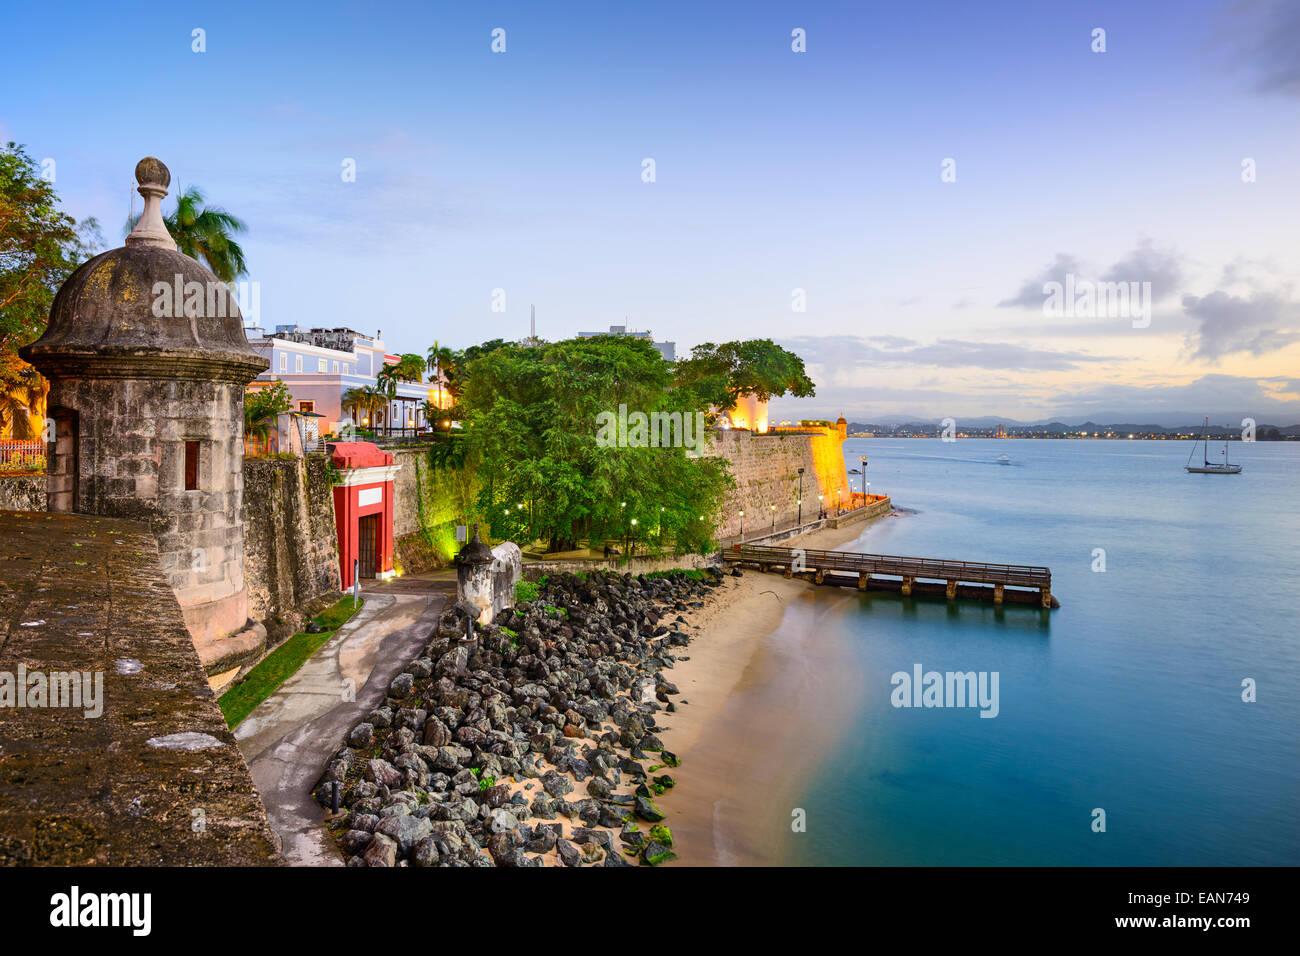 San Juan, Puerto Rico vue vieille ville sur le Paseo de la Princesa. Photo Stock